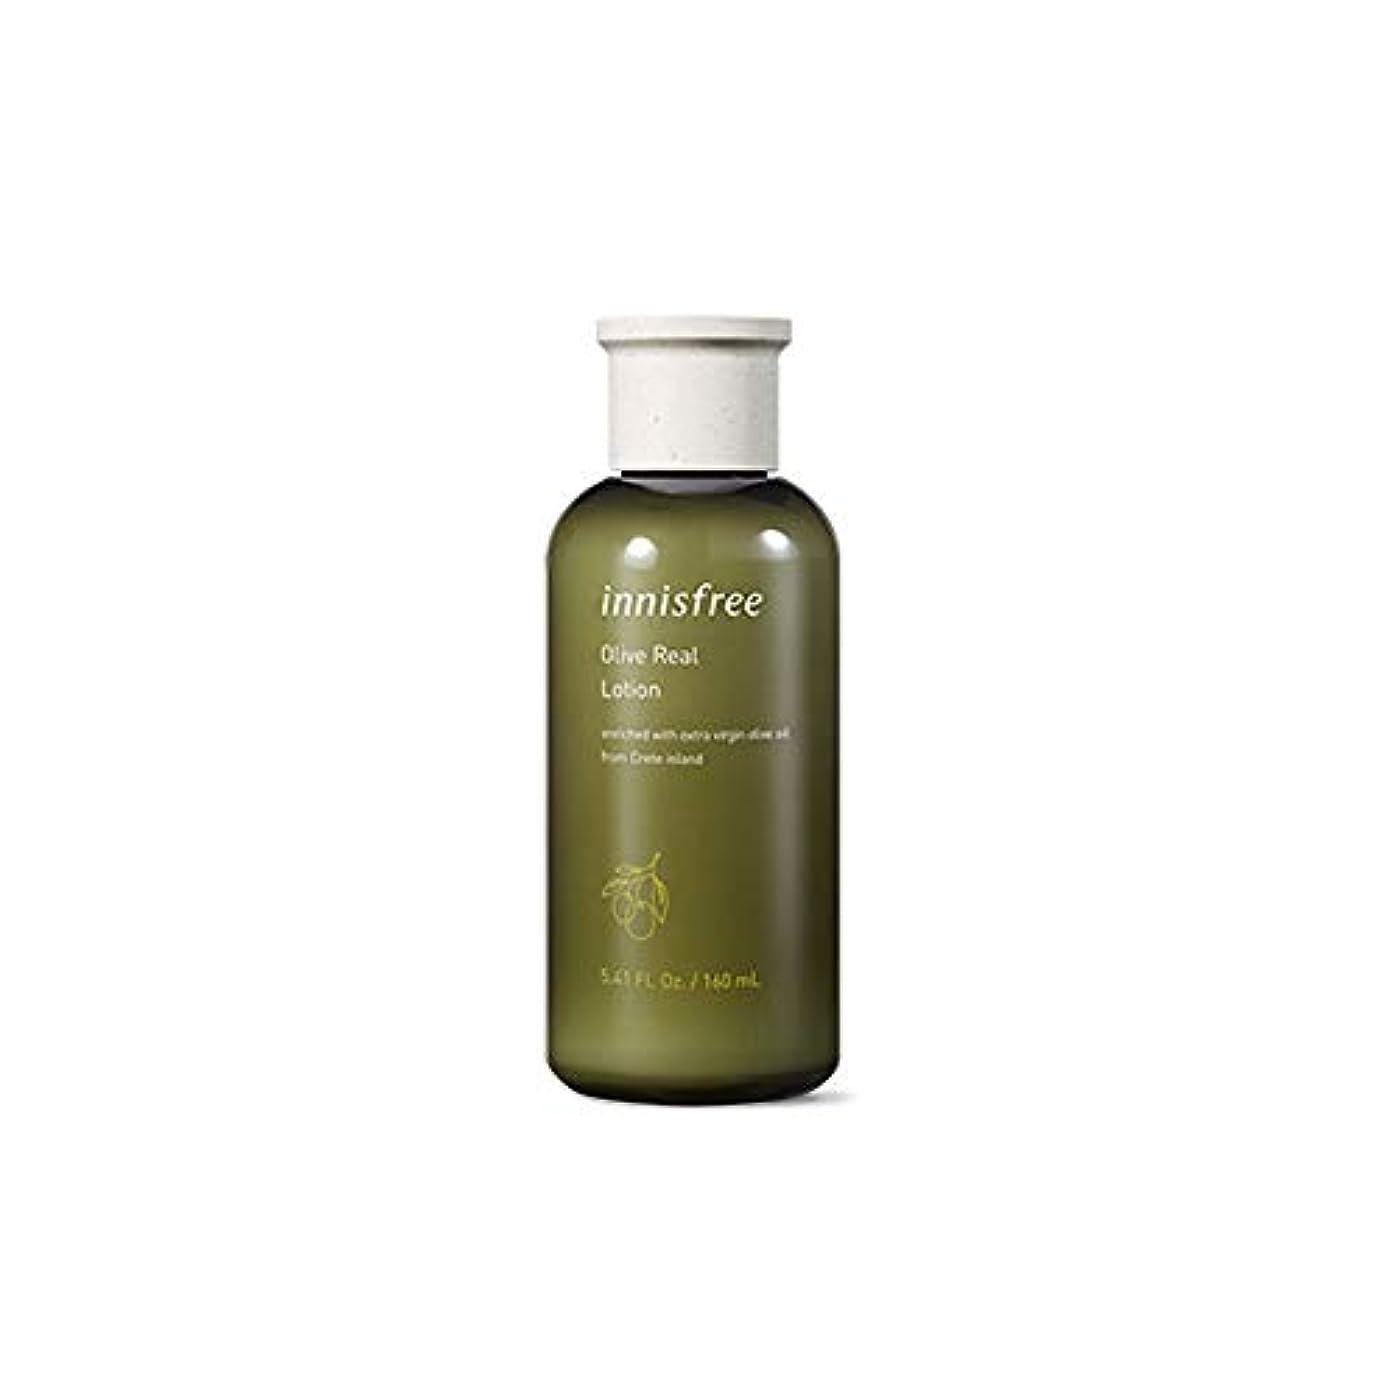 壮大な二度因子NEW[イニスフリー] Innisfree オリーブリアルローション乳液EX(160ml) Innisfree Olive Real Lotion(160ml)EX [海外直送品]